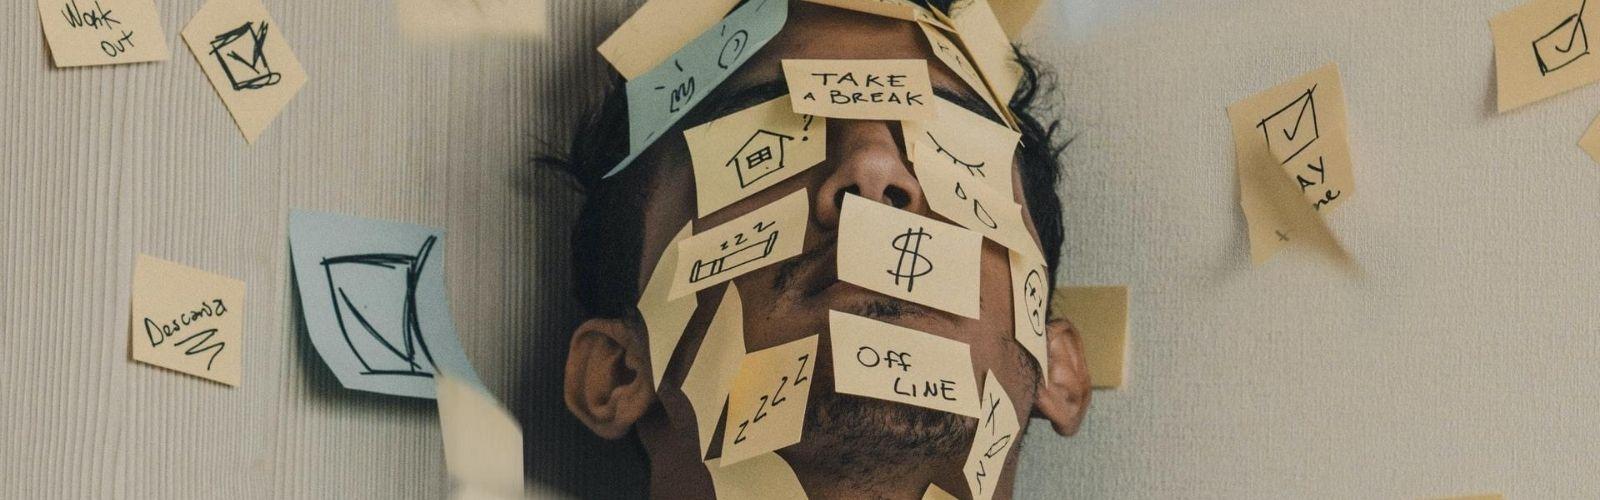 Confidencias de un workaholic